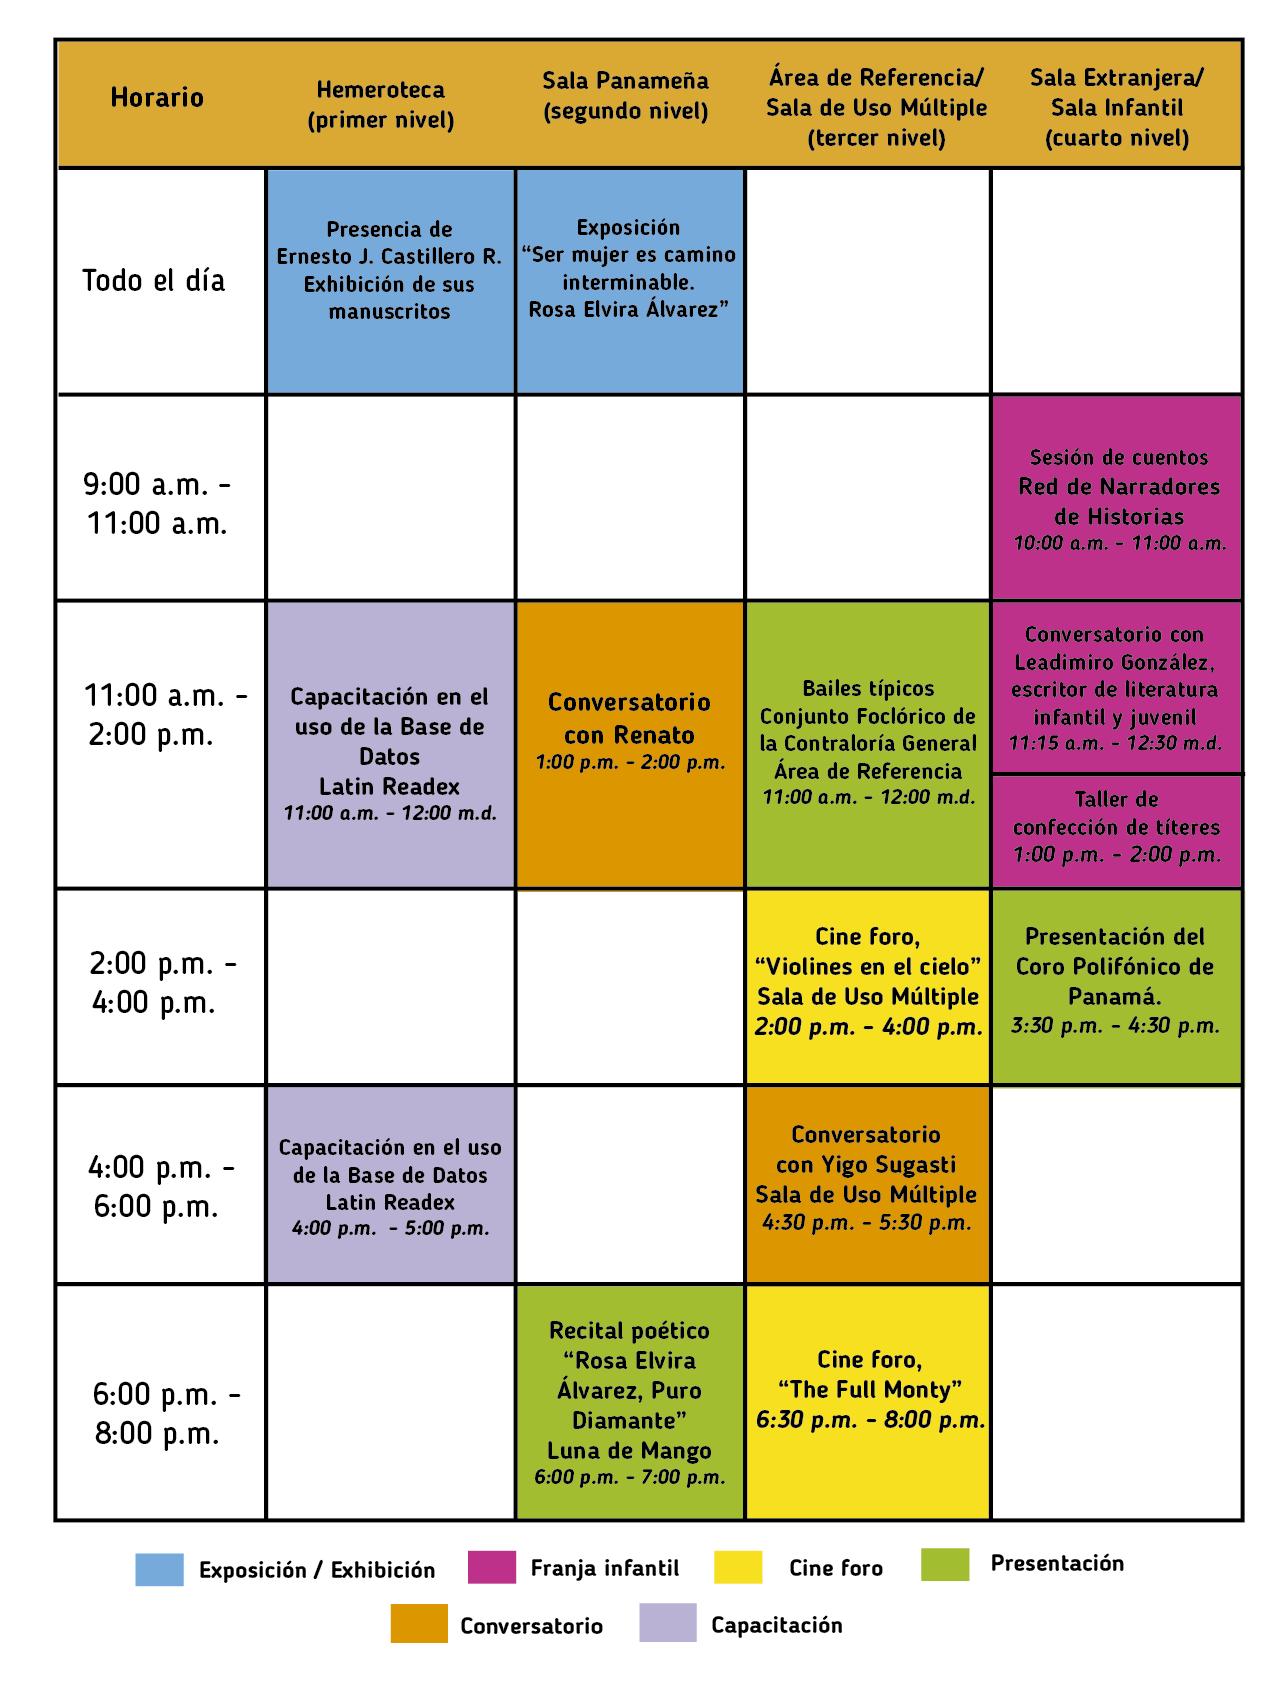 Agenda - Sábado 11 FINAL 2-01